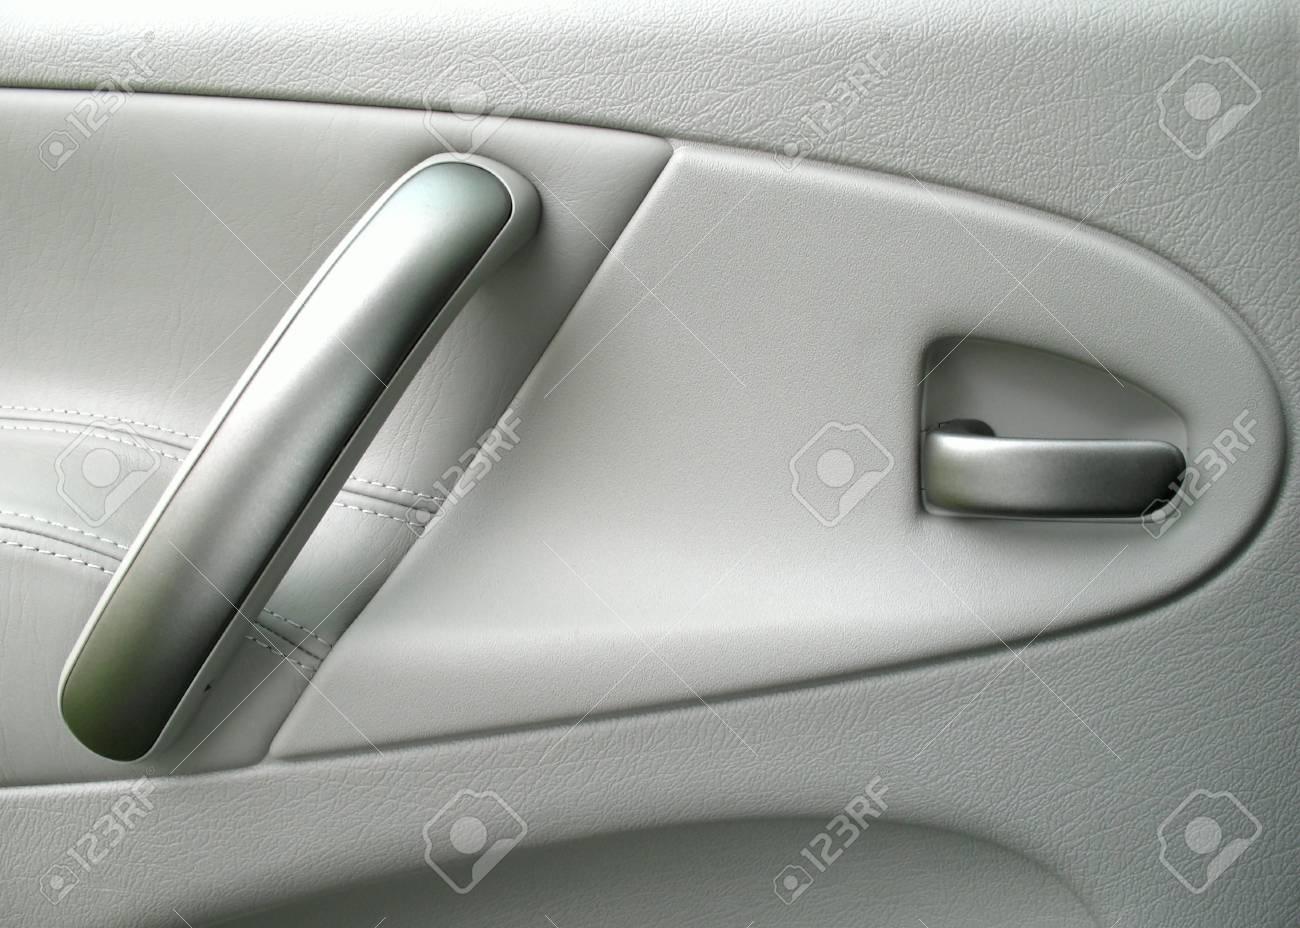 Auto Tür Im Inneren Des Autos Lizenzfreie Fotos, Bilder Und Stock ...